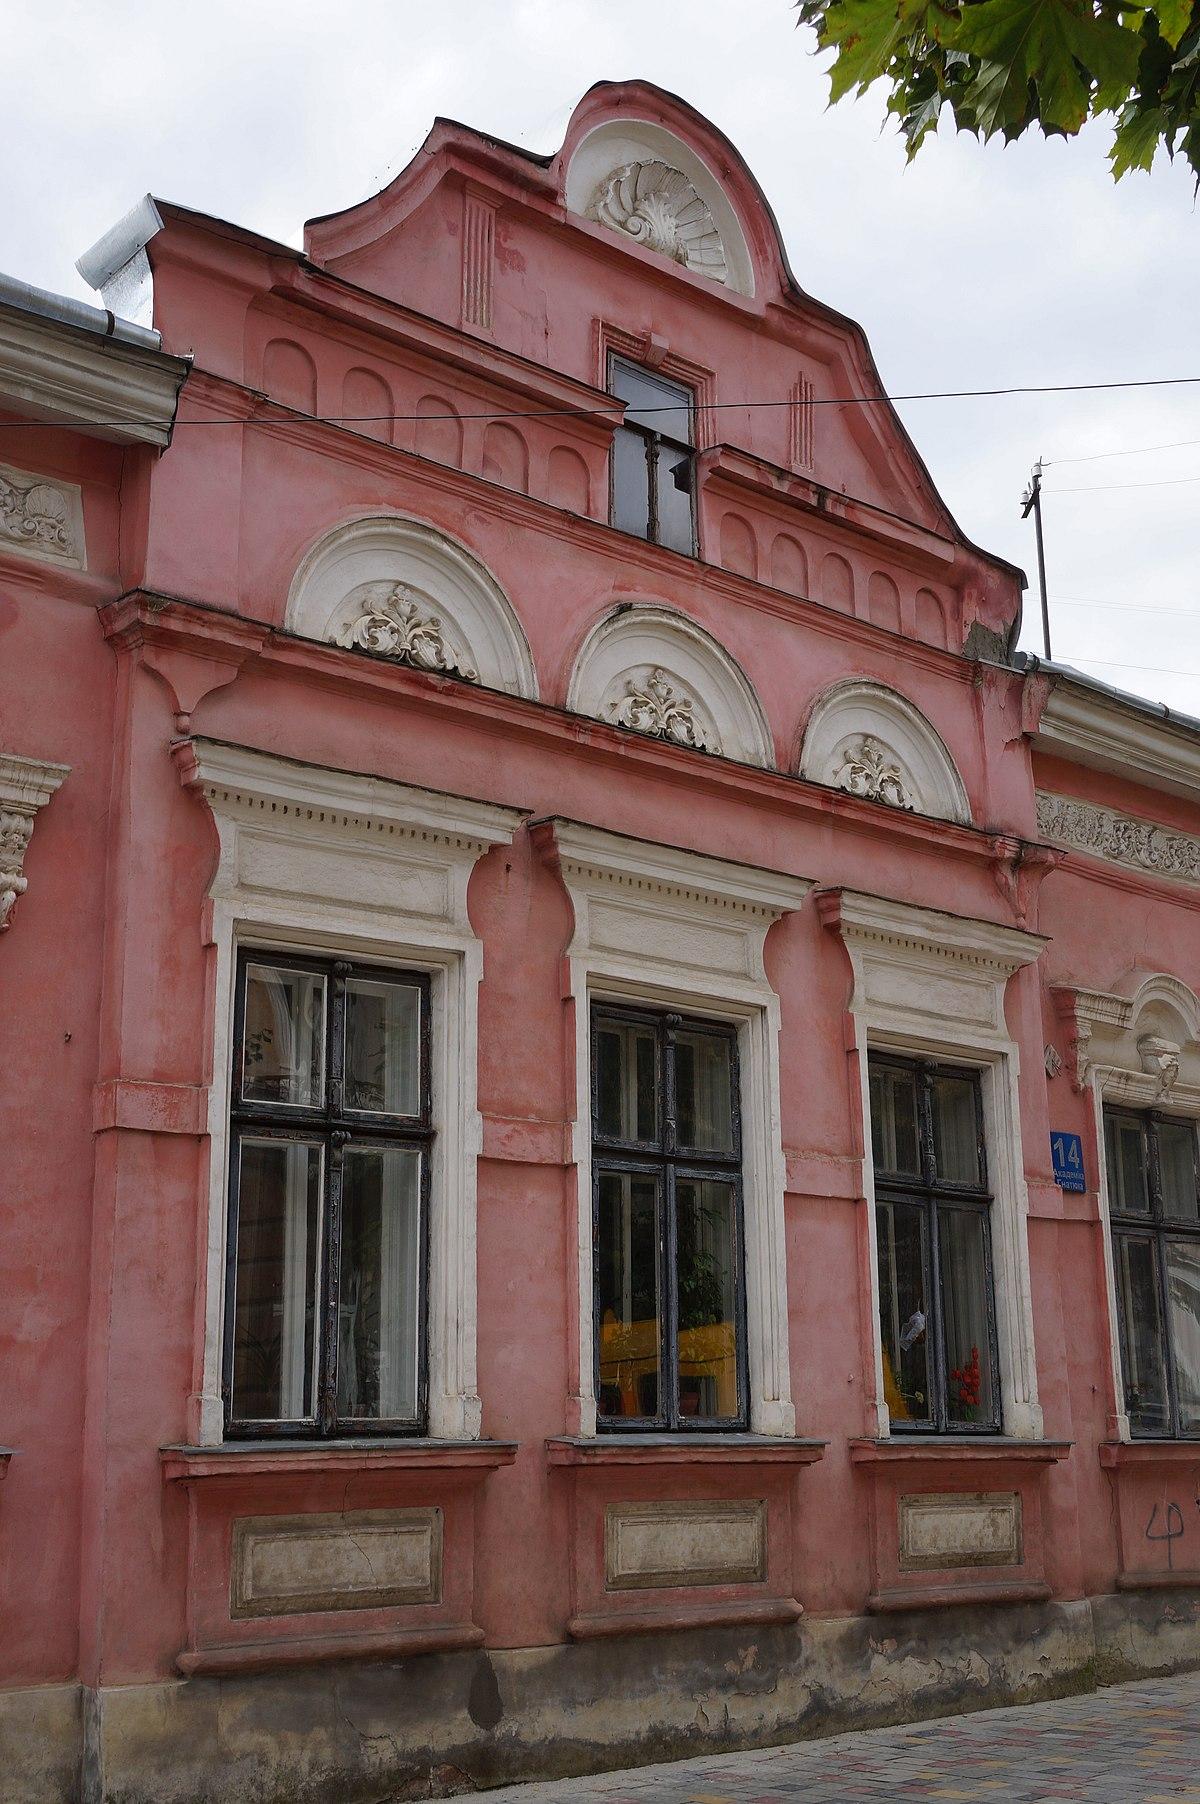 File:Олександрія 6 Грудня, 16.jpg - Wikimedia Commons